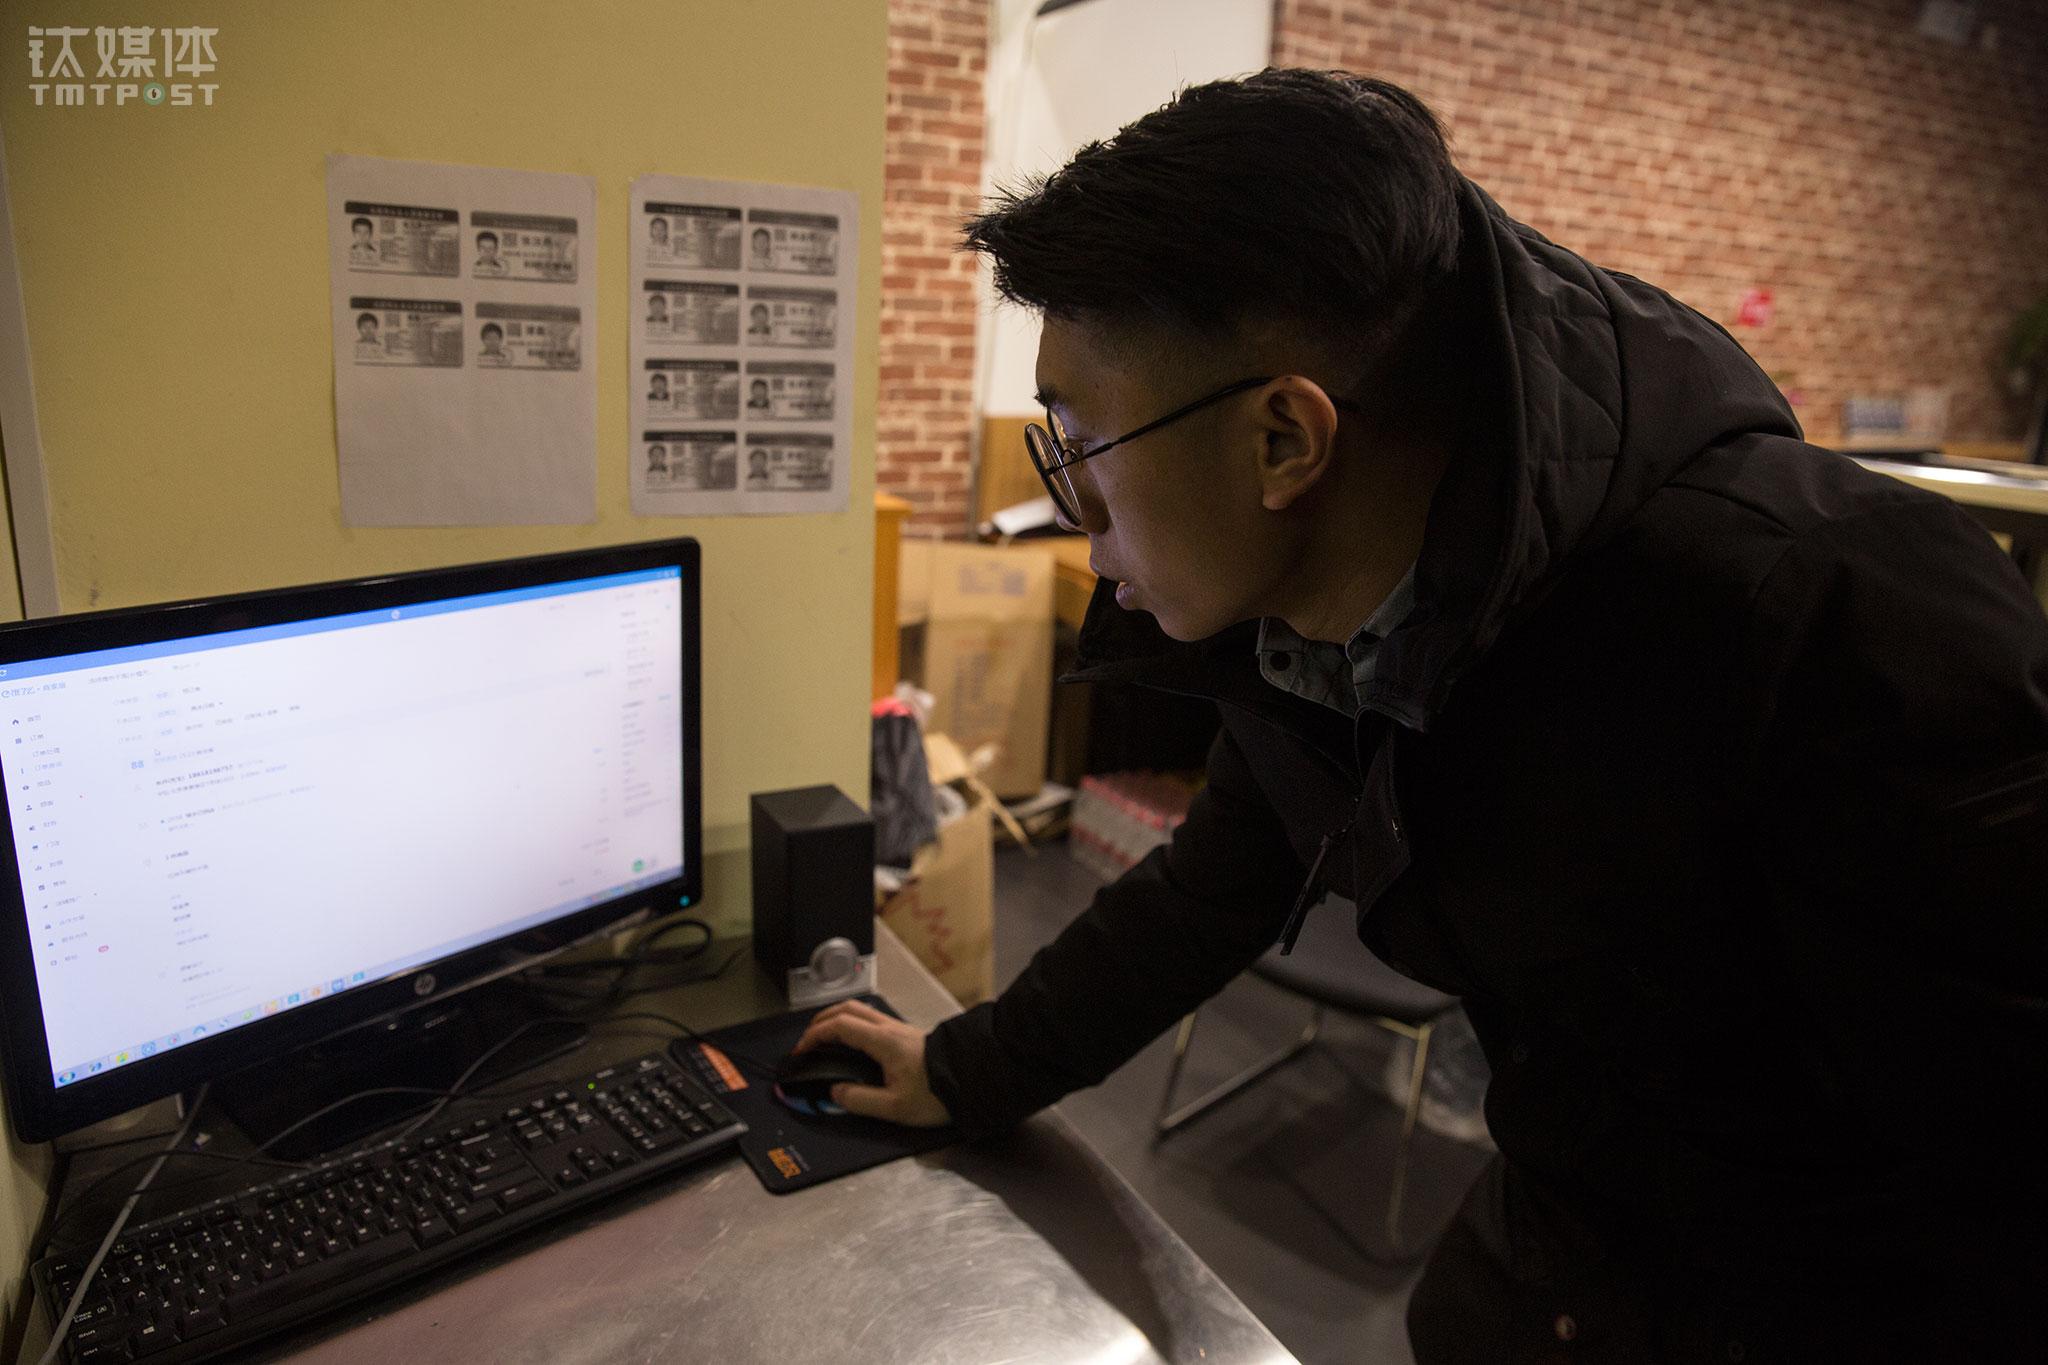 """1月下旬,汤怀从公司离职,专心投入到餐饮店运营上。他最关注的是运营数据,每天都要花一定时间来分析每个店的数据变化,研究商圈内的商家、顾客,以此来制定运营策略。""""这件事越做越有信心,经常有顾客打电话给我们问地址,有的人还专门找过来吃,吃完还很开心地找我们的员工聊。""""汤怀希望再把基础打好一点,""""将来做直营连锁和加盟共存的模式,把家乡的美食卖到全国各地。"""""""